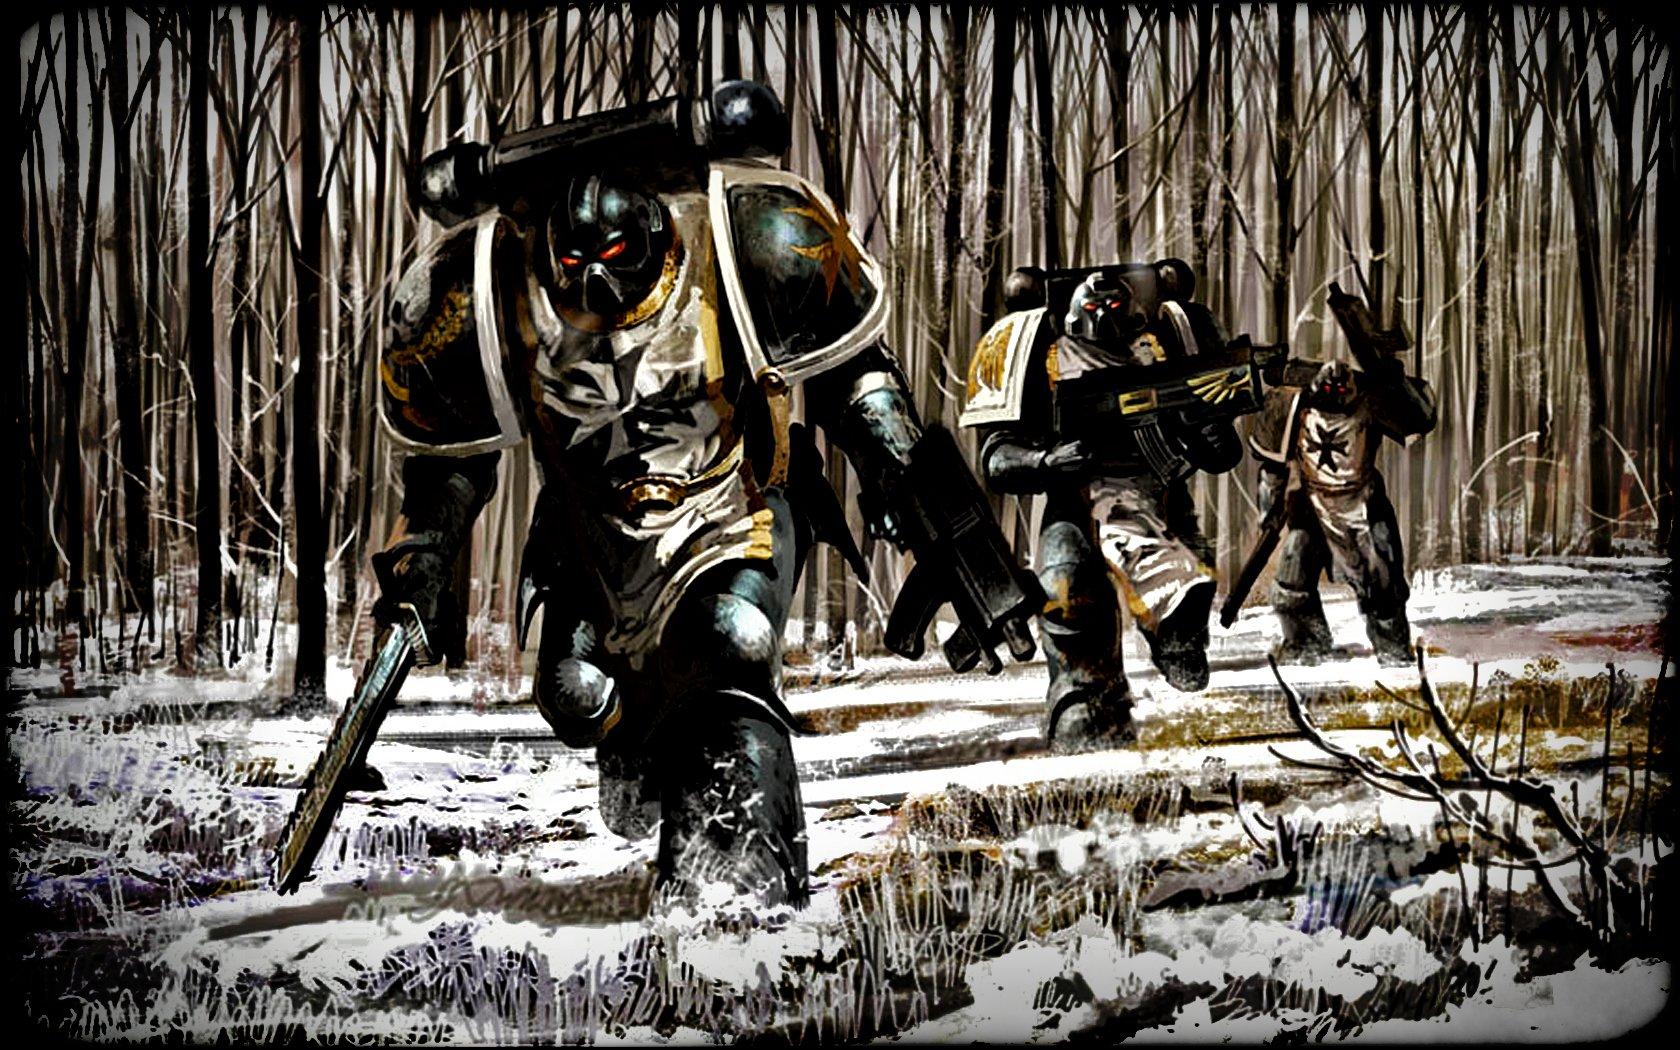 Sci Fi - Warrior  Snow Soldier Forest Warhammer Sci Fi Wallpaper